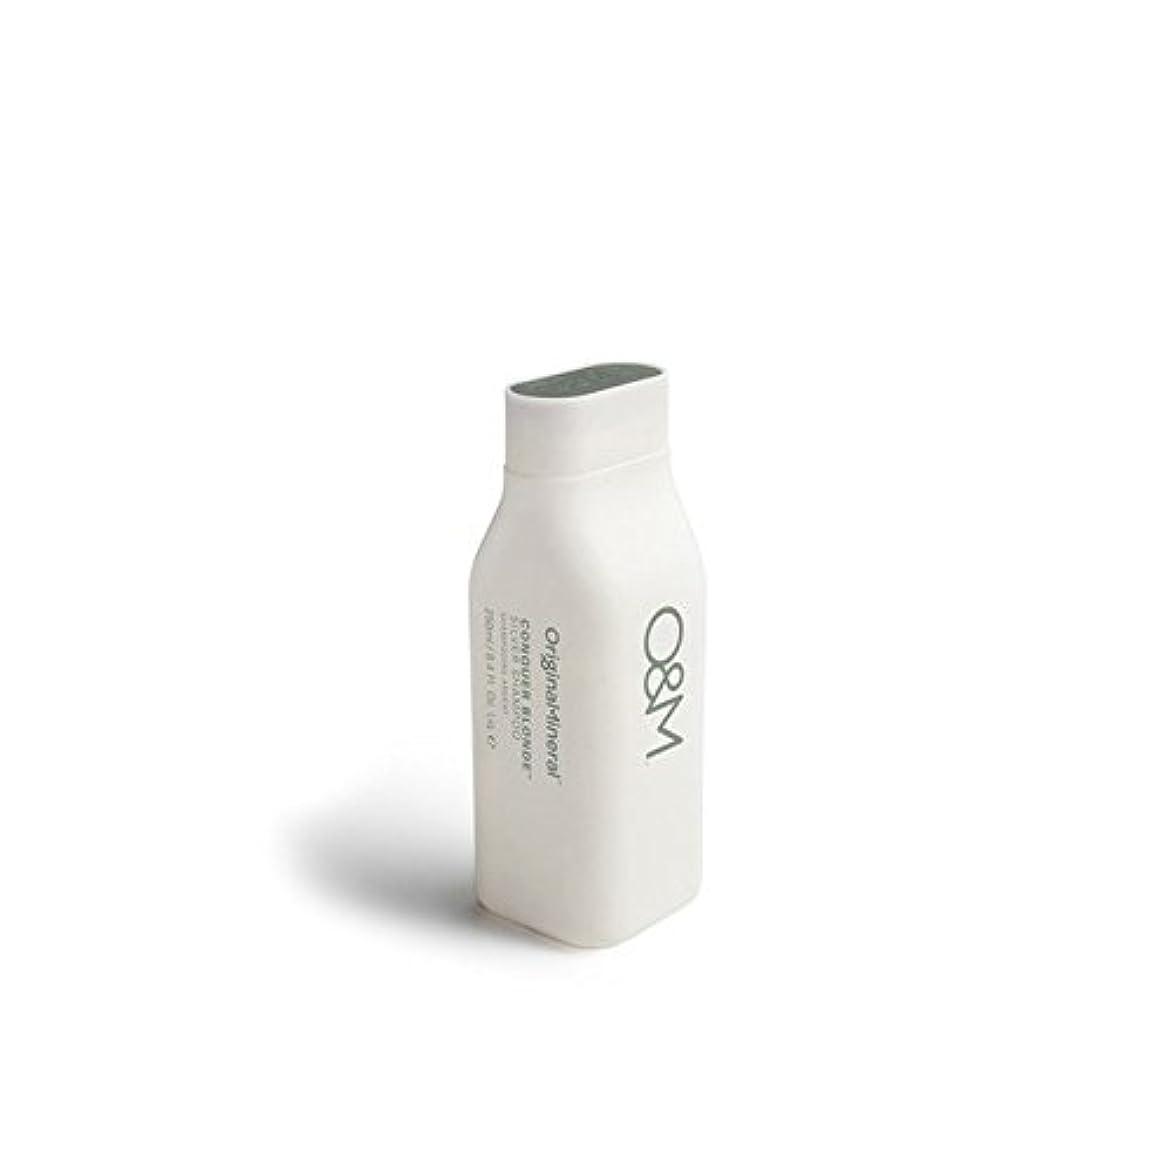 発見忘れる怒っているオリジナル&ミネラル統治ブロンド銀シャンプー(250ミリリットル) x2 - Original & Mineral Conquer Blonde Silver Shampoo (250ml) (Pack of 2) [並行輸入品]